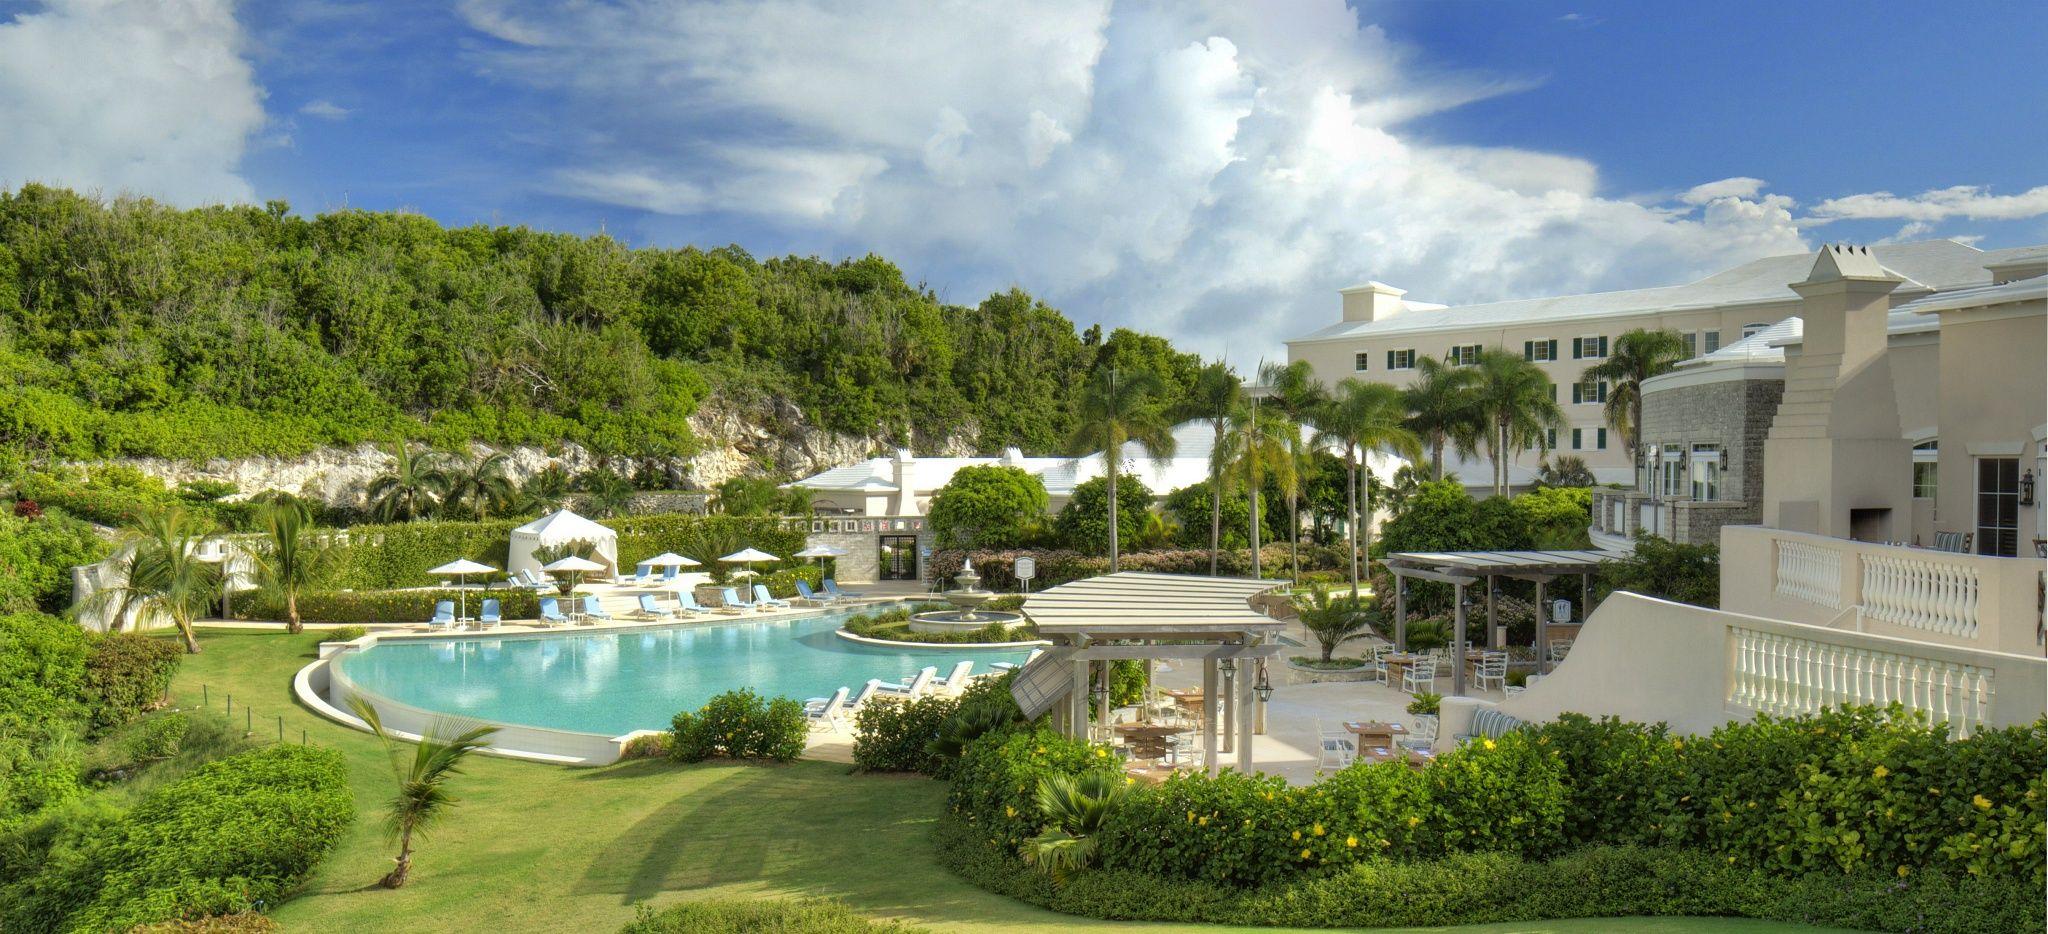 """Ein Tal mit einem Pool in der Mitte und dem Hotel """"Rosewood Tucker's Point"""" darum herum"""